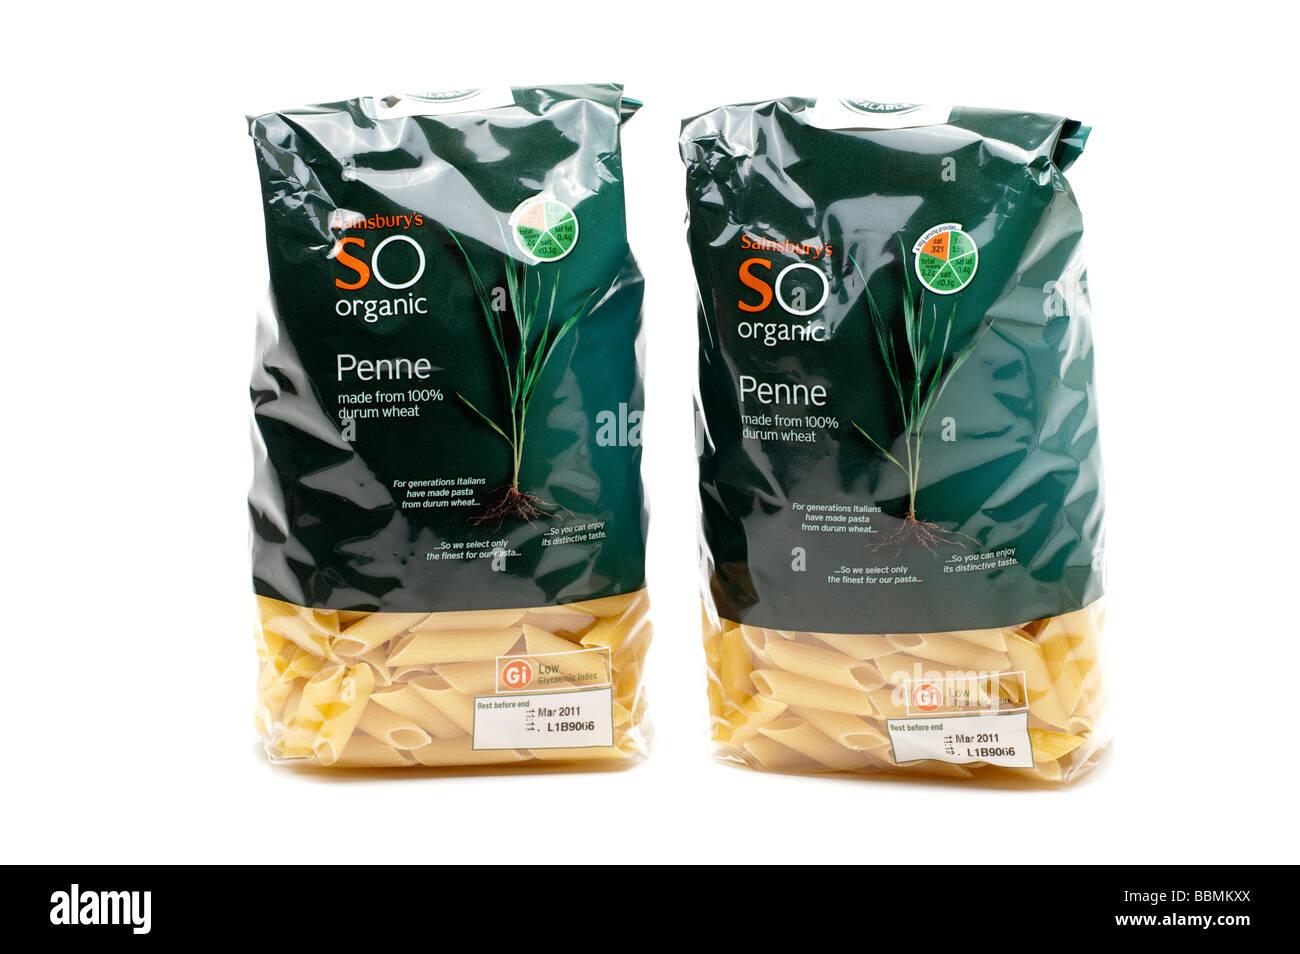 White apron sainsburys - Two Cellophane Bags Of Sainsbury S So Organic Penne Pasta Stock Image